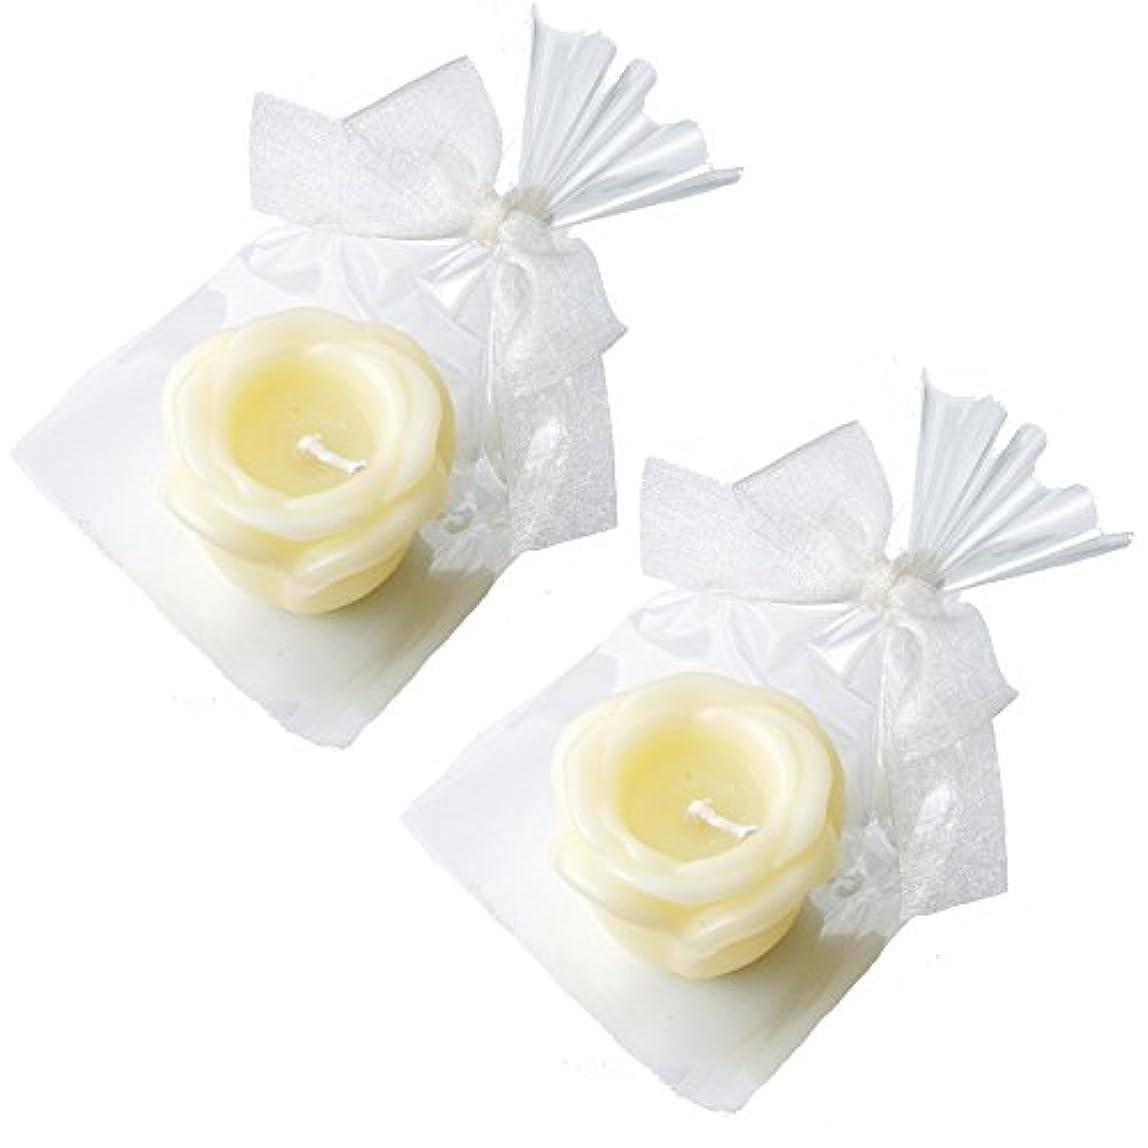 有料コンパニオン感謝しているカメヤマキャンドルハウス プチラビアンローズキャンドル 1個入 ローズの香り アイボリー ×2個セット